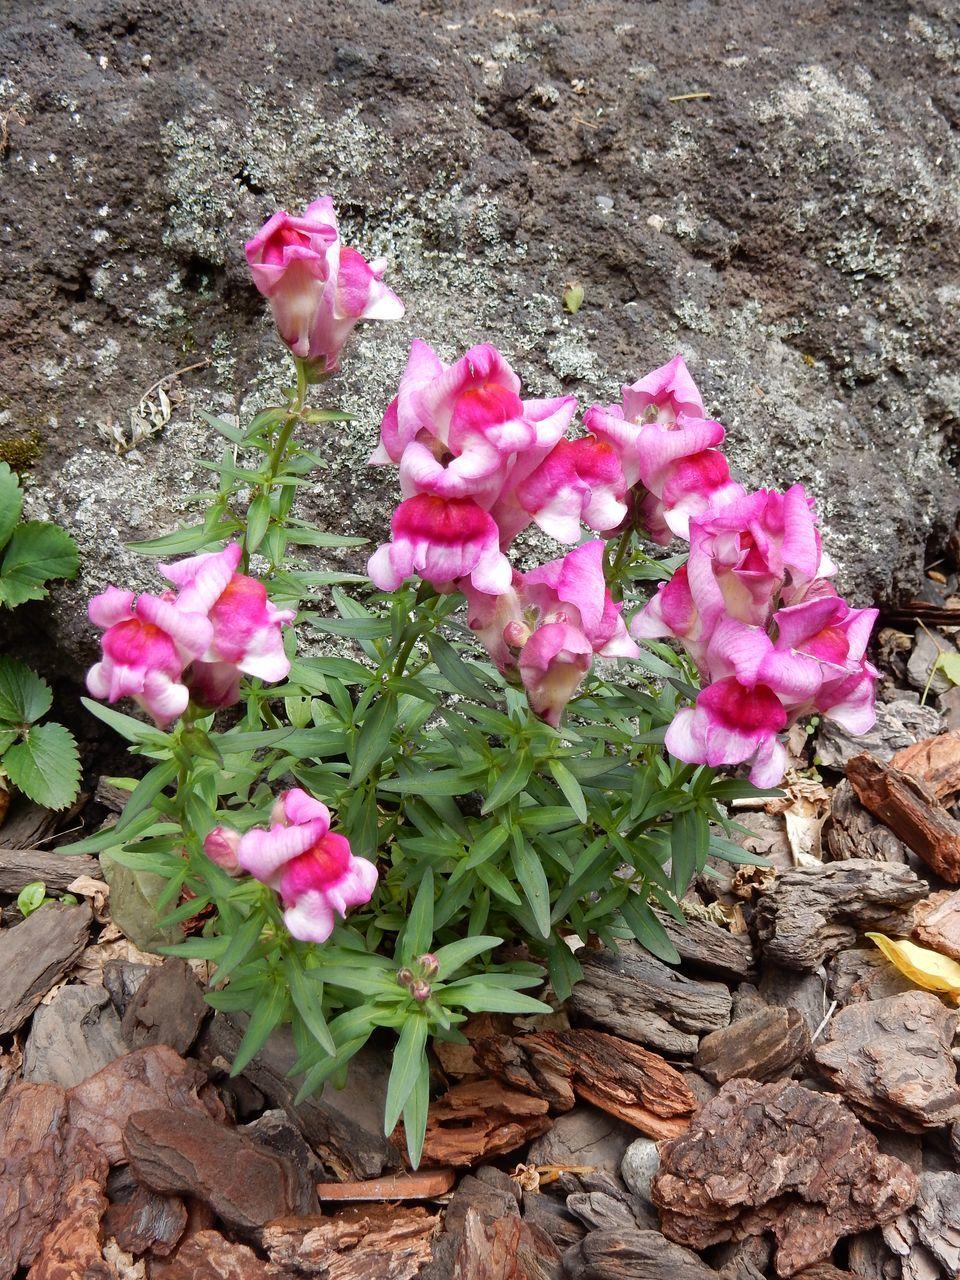 花落ちてナツツバキの季節が始まったことを知る_c0025115_22100939.jpg